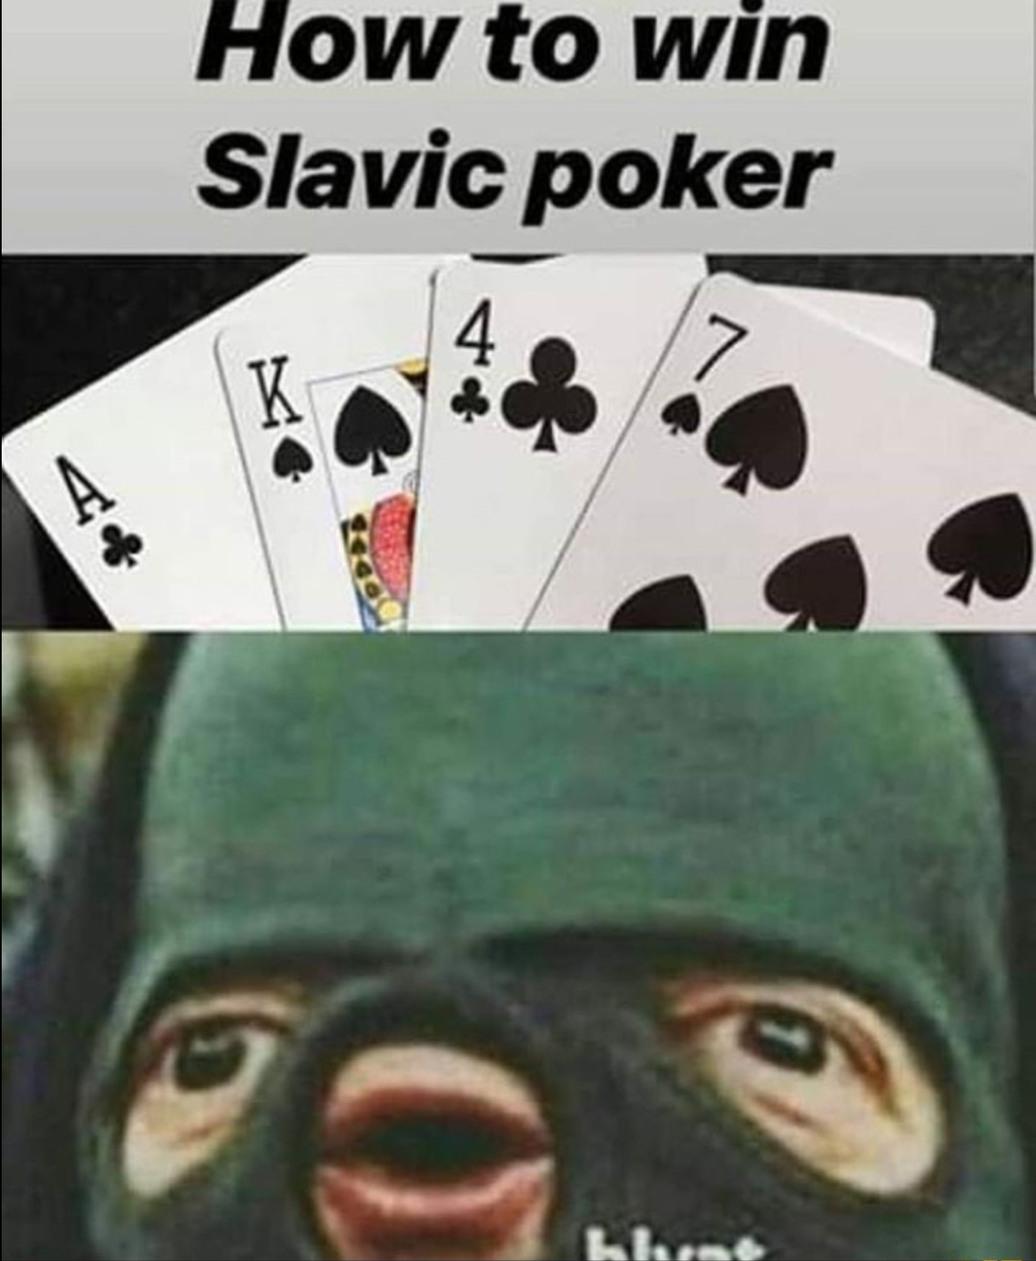 Ace King 47 - meme